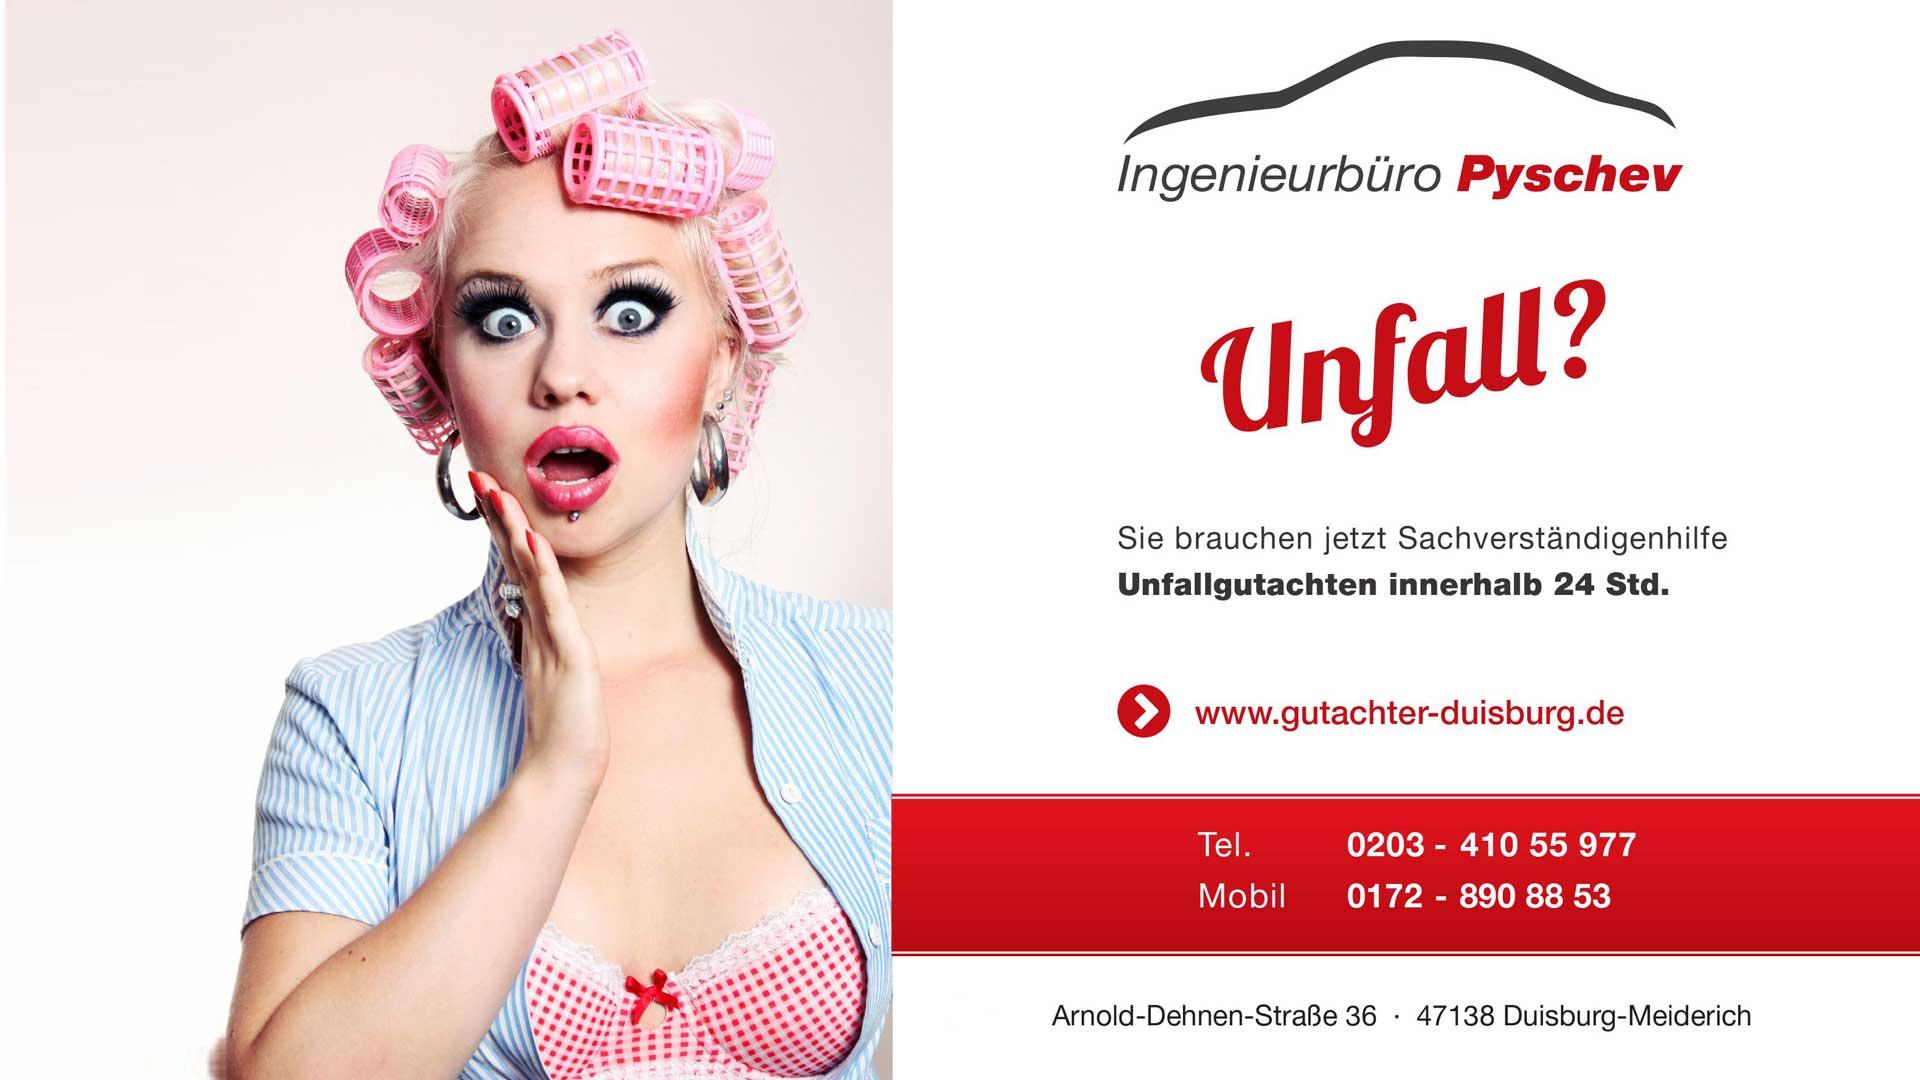 http://gutachter-duisburg.de/wp-content/uploads/2016/12/blondine_web.jpg